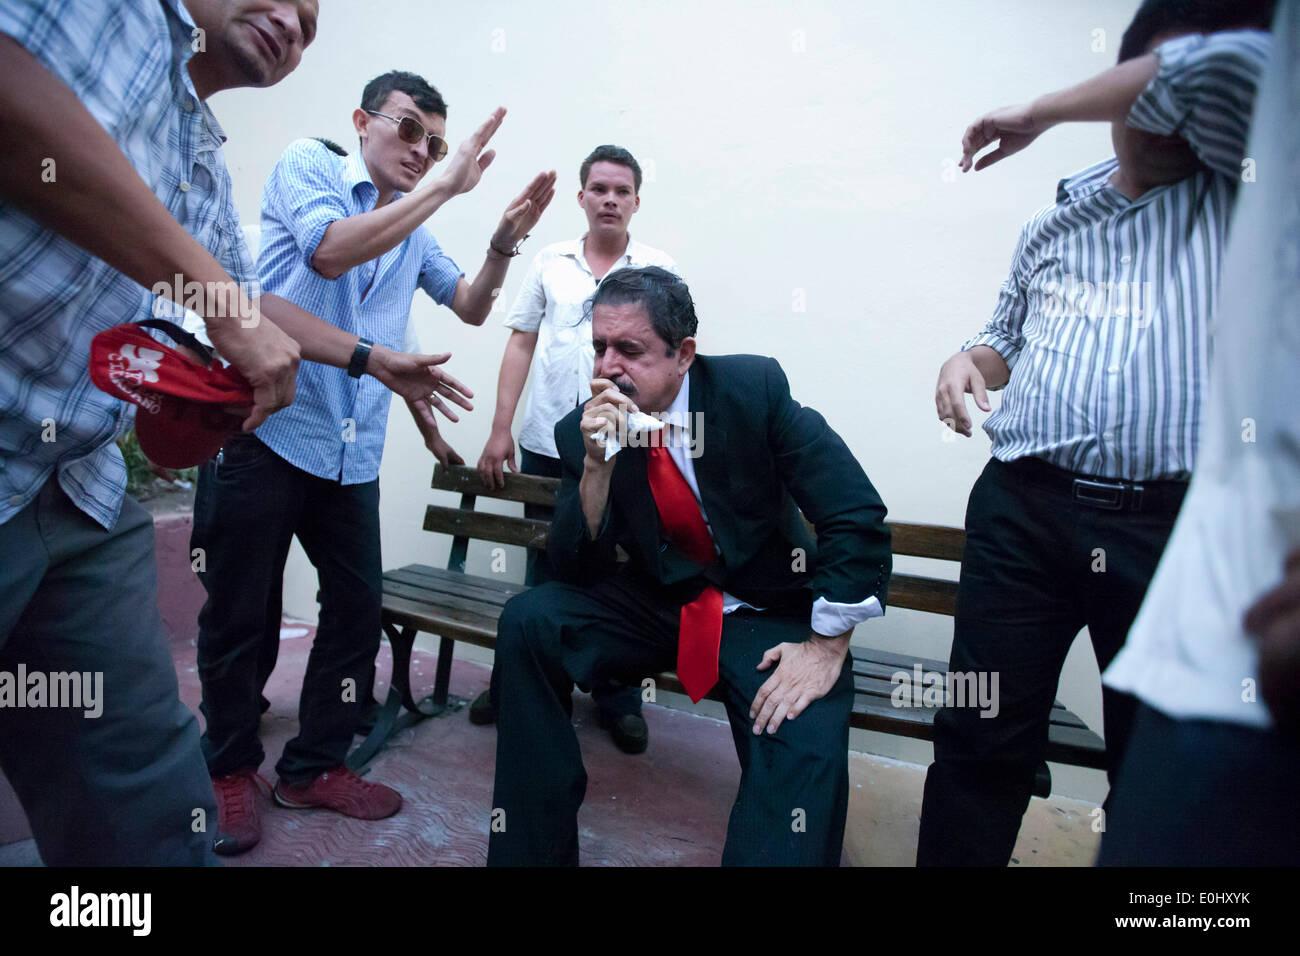 Tegucigalpa, Honduras. 13 mai, 2014. L'ex-Président du Honduras Manuel Zelaya (C) porte sur sa face de gaz lacrymogènes, après avoir été évacuée avec ses partisans du Congrès national, à Tegucigalpa, Honduras, le 13 mai 2014. Partisans et des députés du Parti de la refondation et de la Liberté (Libre, pour son sigle en espagnol), la seconde force politique au Honduras, a éclaté dans le Congrès national le mardi, après des affrontements avec des éléments de la police qui gardait le Palais législatif. Credit: Rafael Ochoa/Xinhua/Alamy Live News Banque D'Images